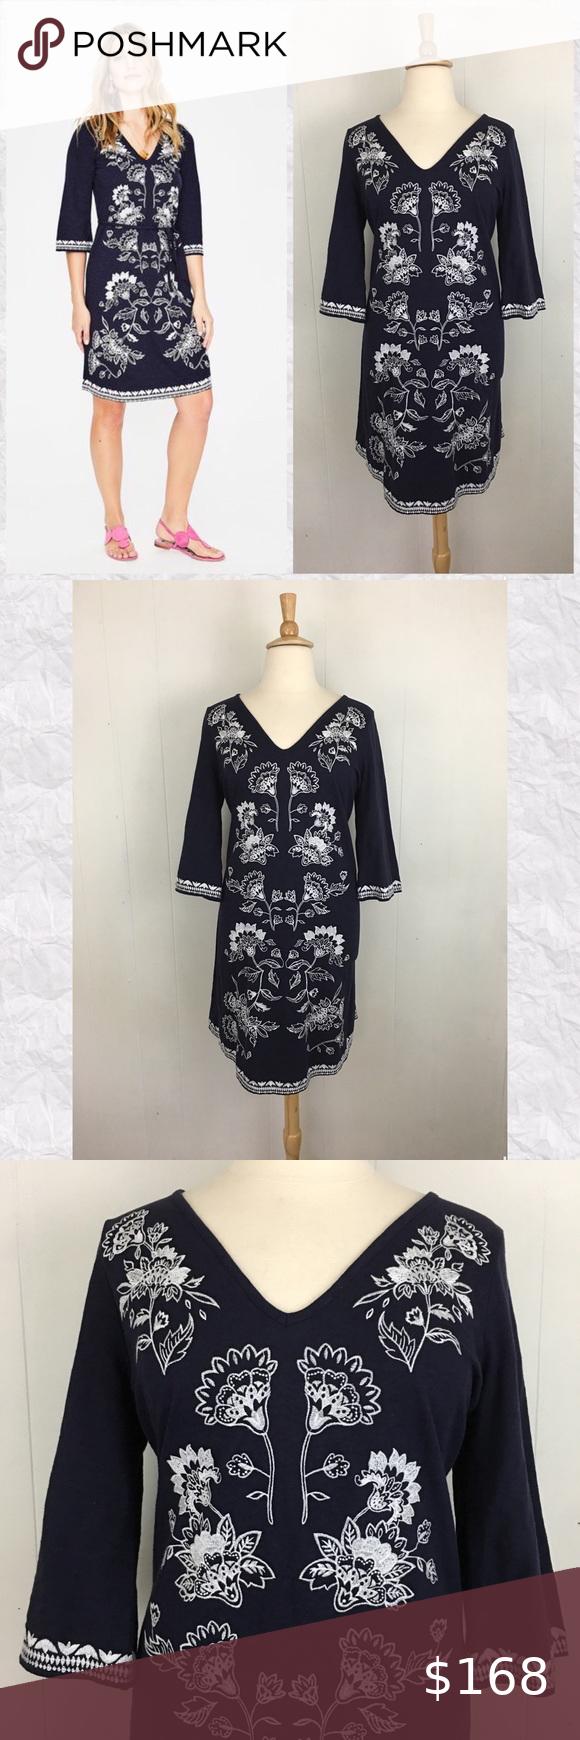 19++ Boden clemmie shirt dress inspirations